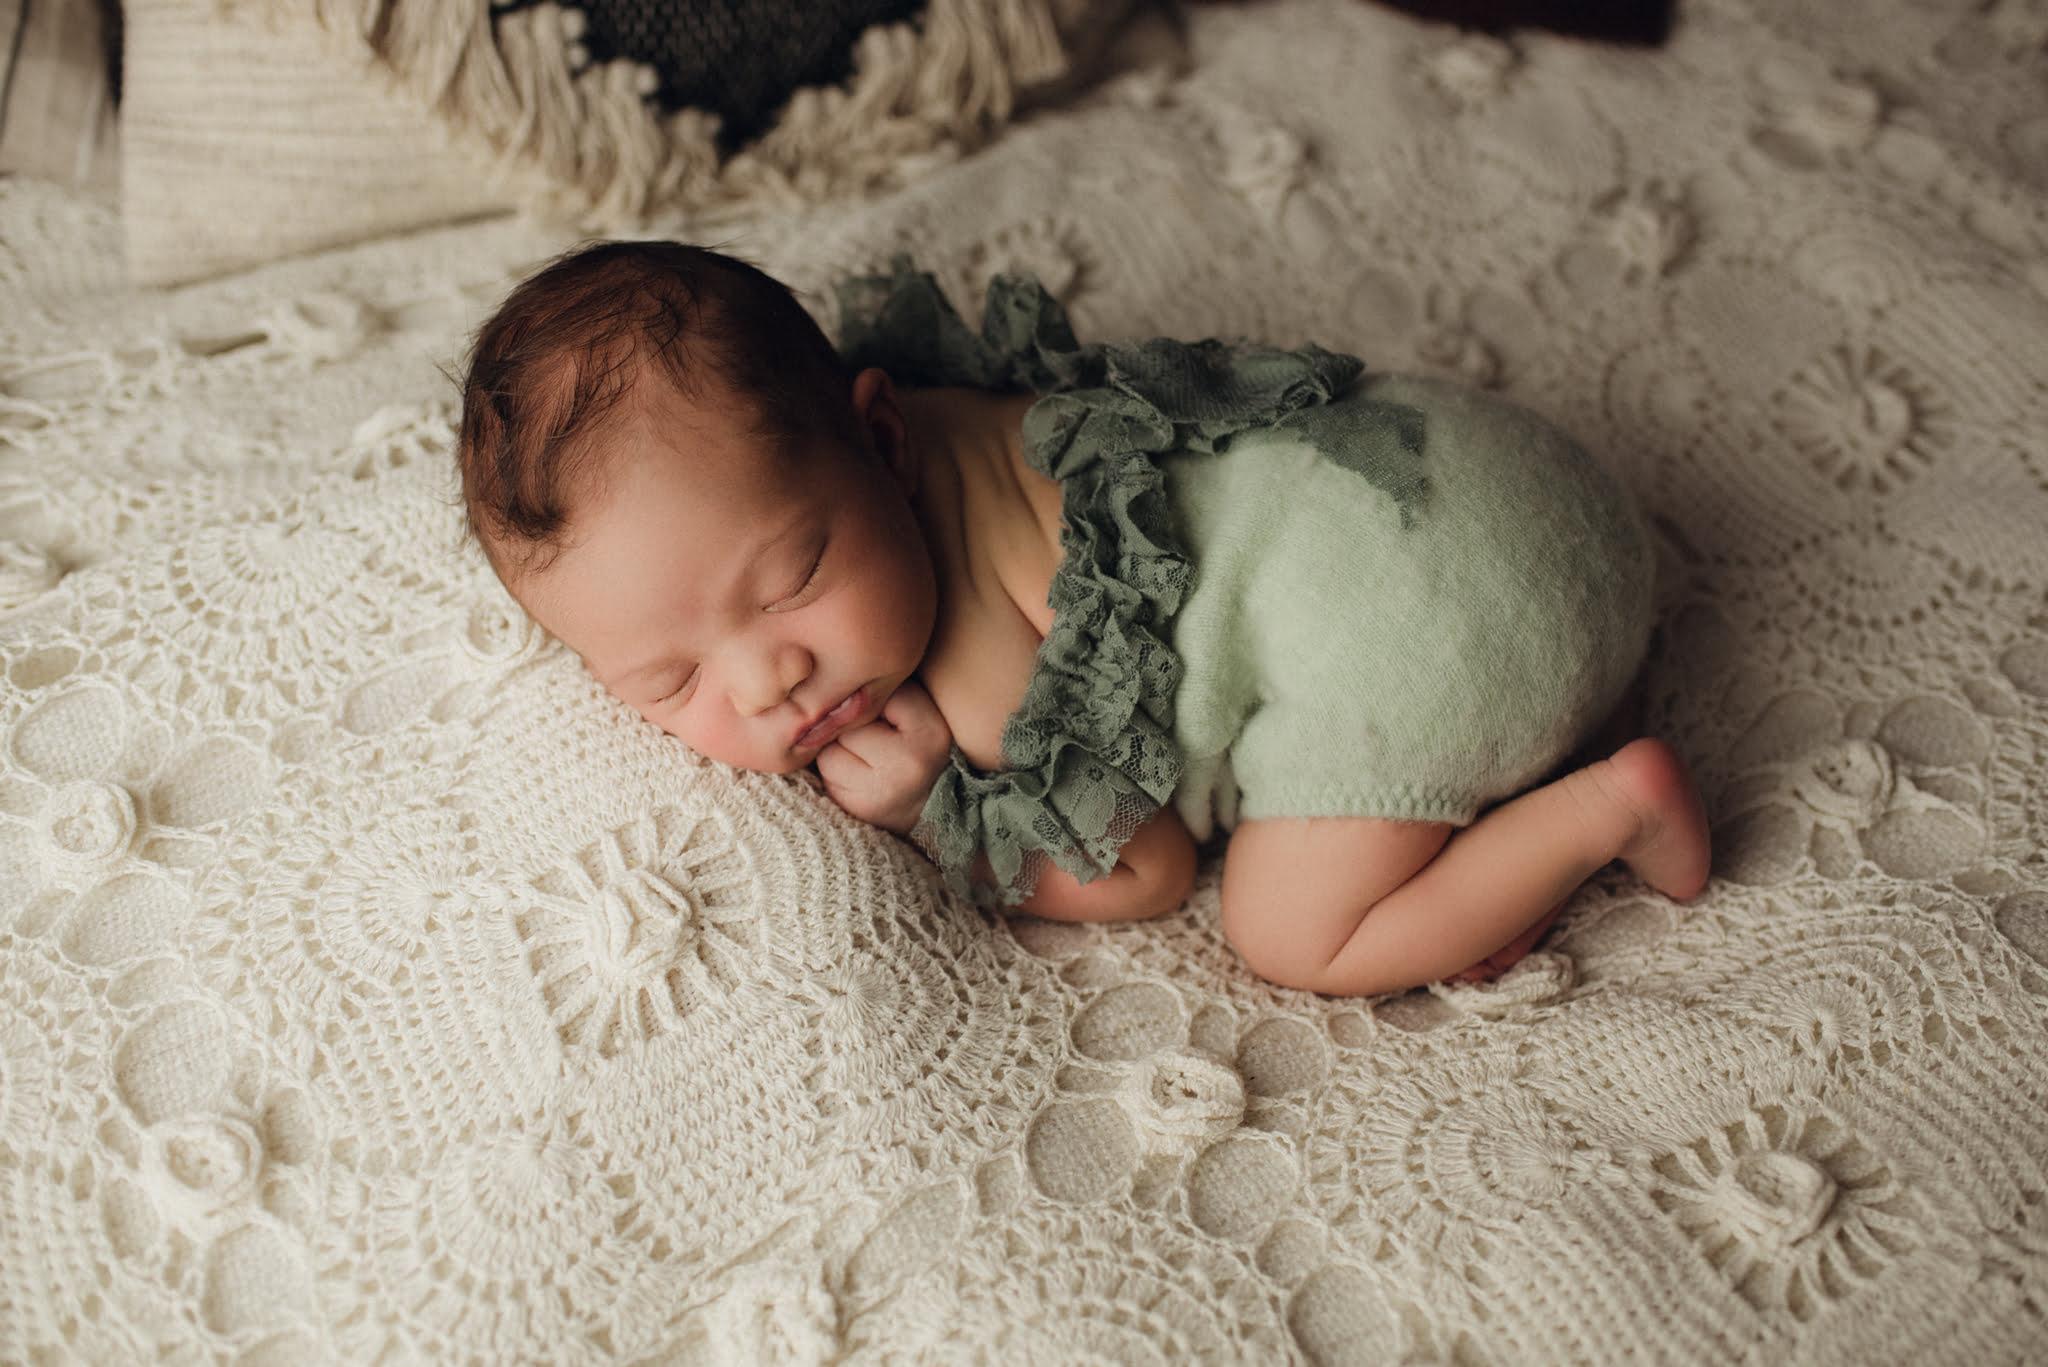 Nyföddfotografering Stockholm - Celine 4